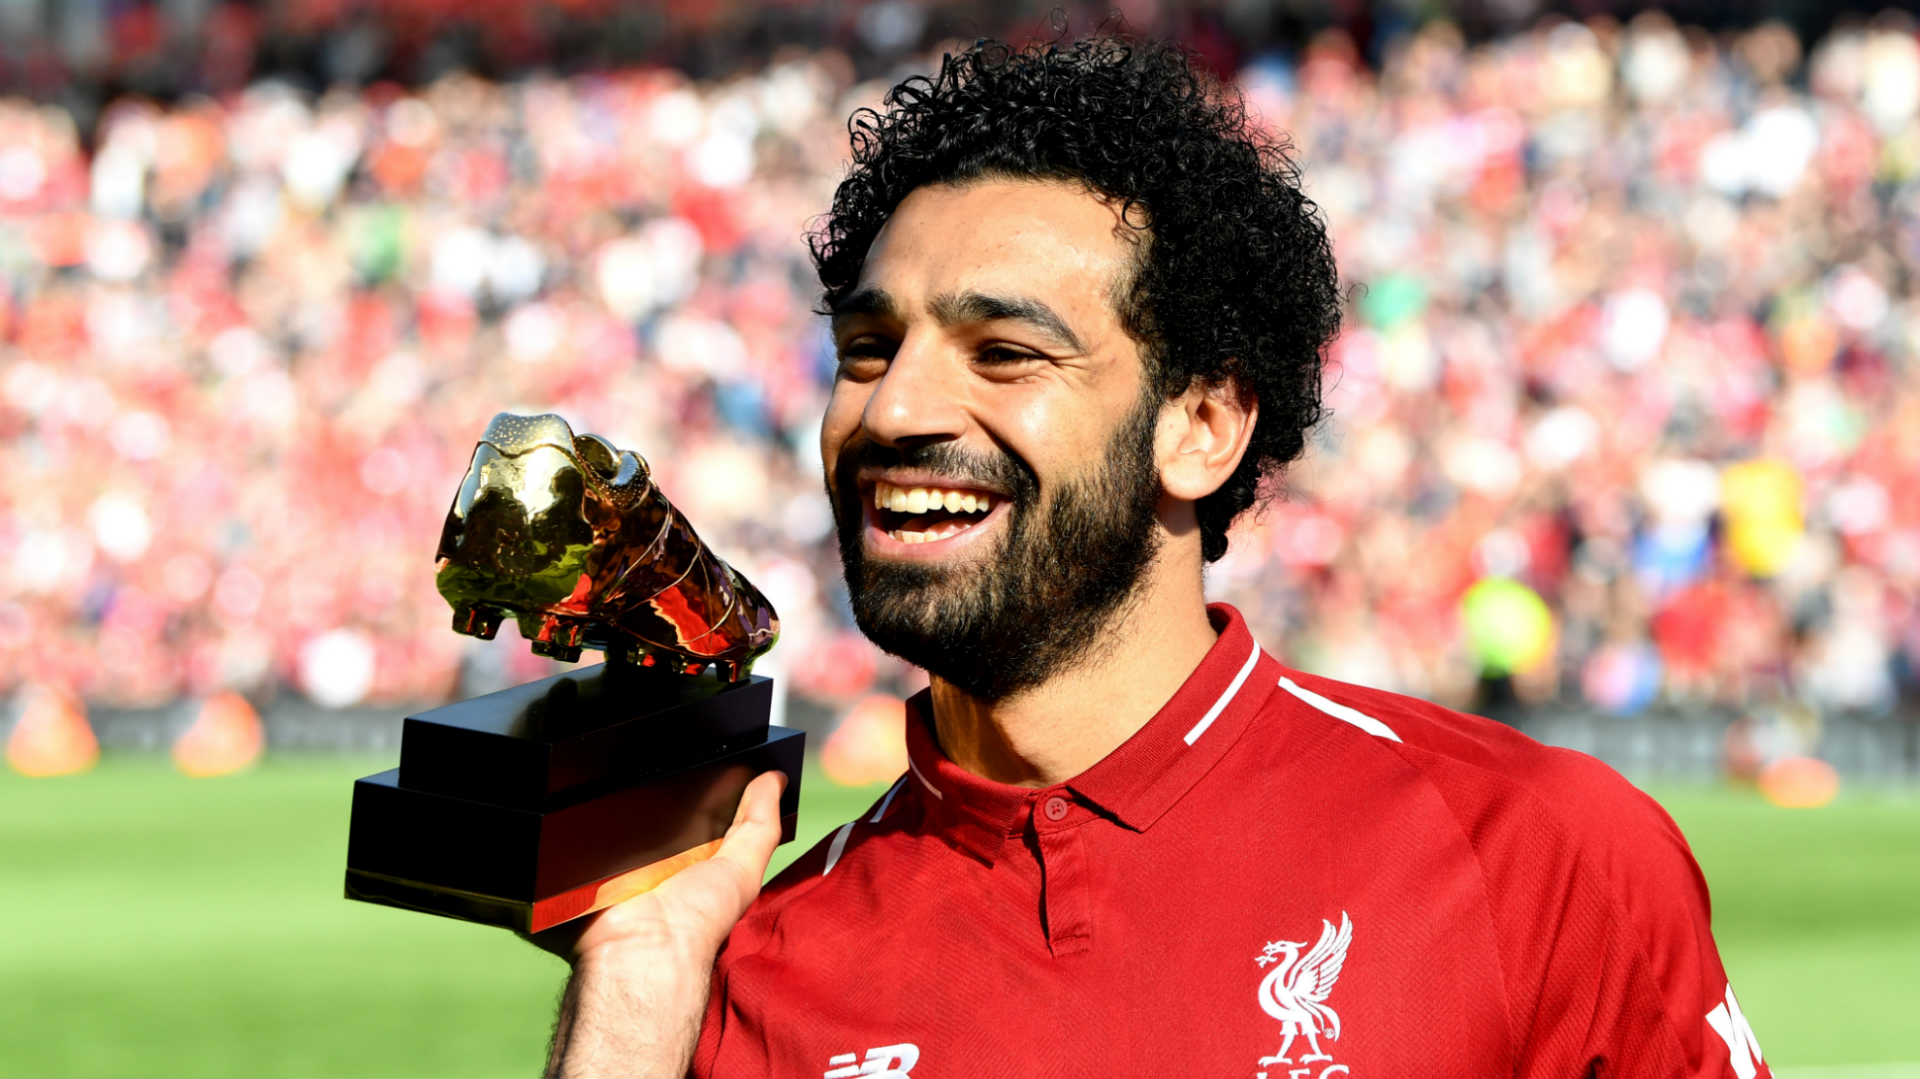 محمد صلاح أفضل لاعب في إنجلترا